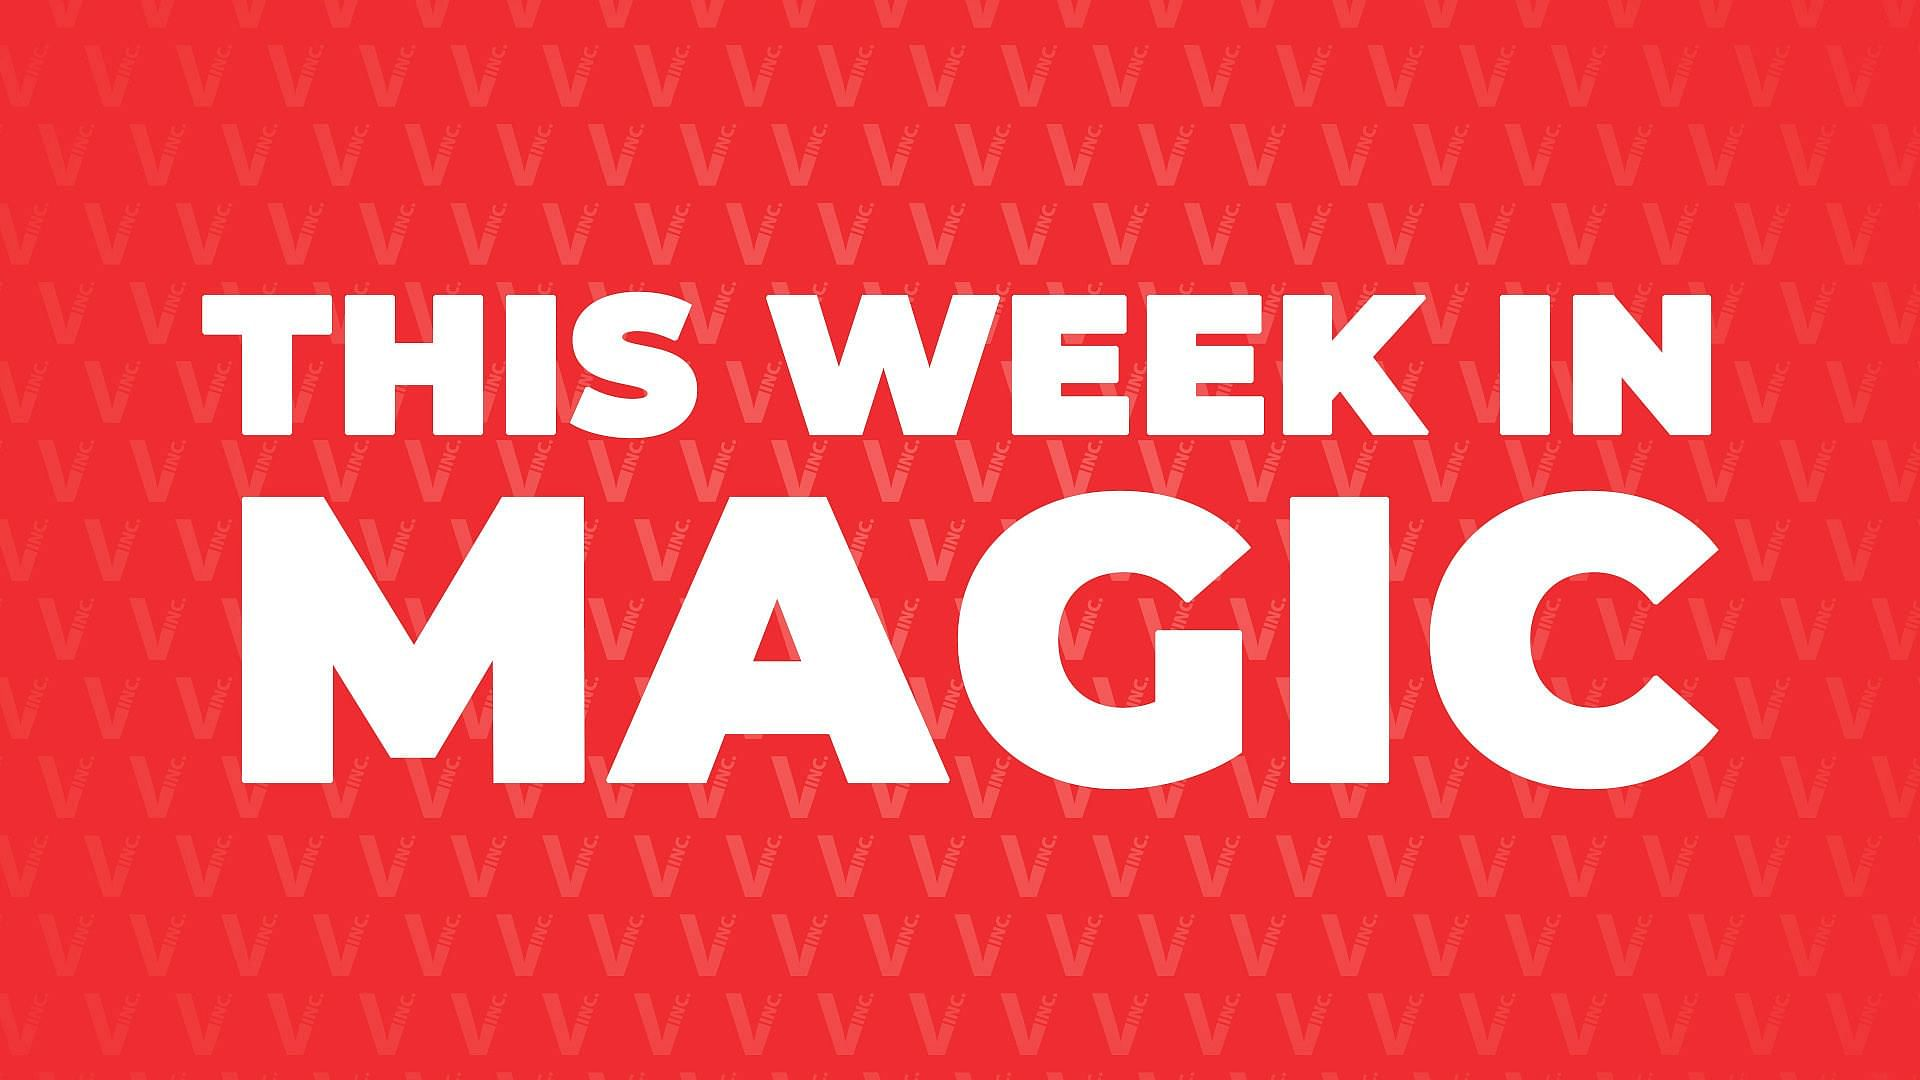 This Week In Magic | 11th June 2020